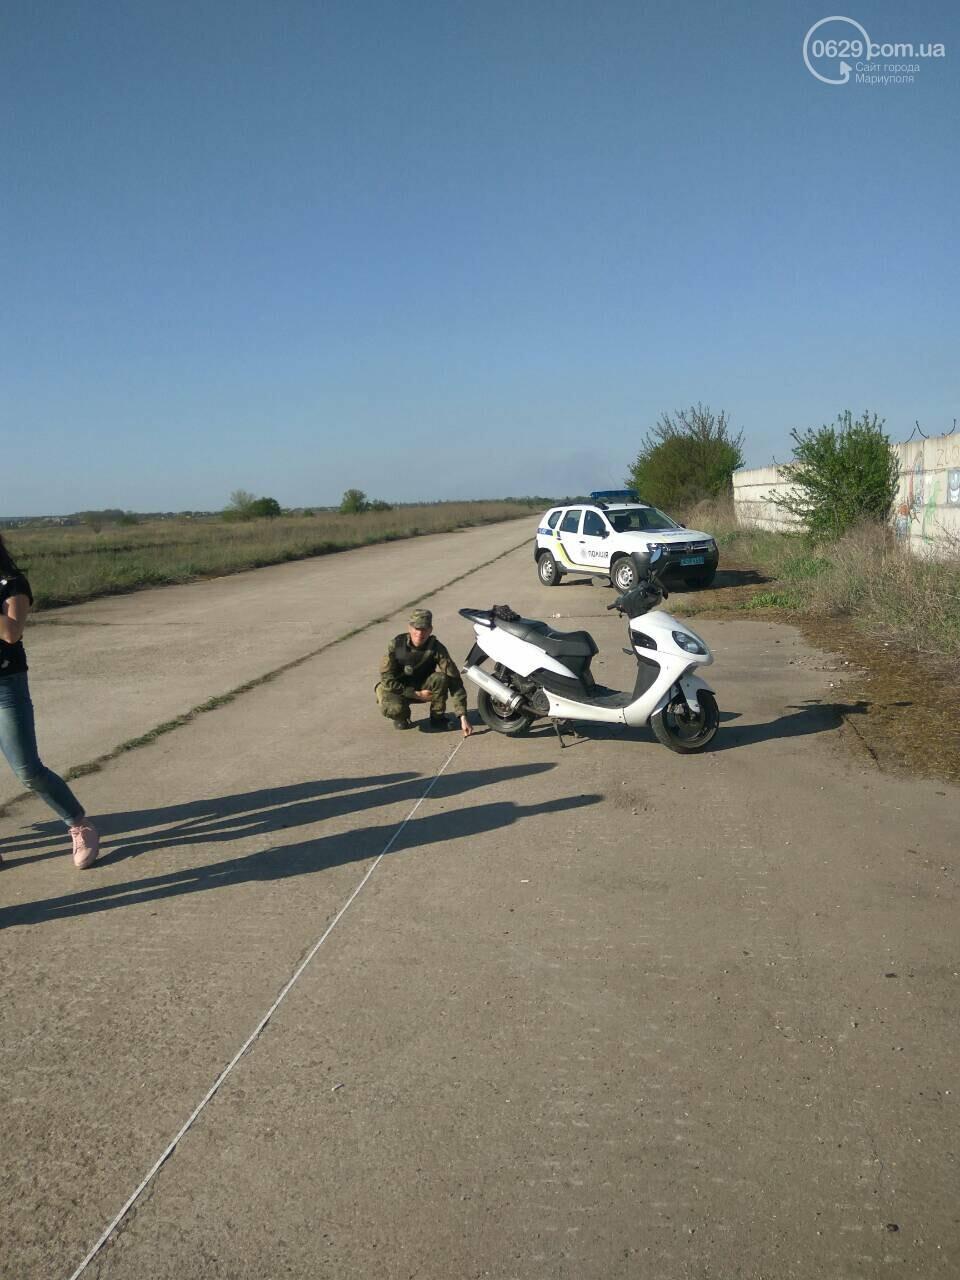 На автогонках под Мариуполем в аварию попал скутерист (Фотофакт), фото-2